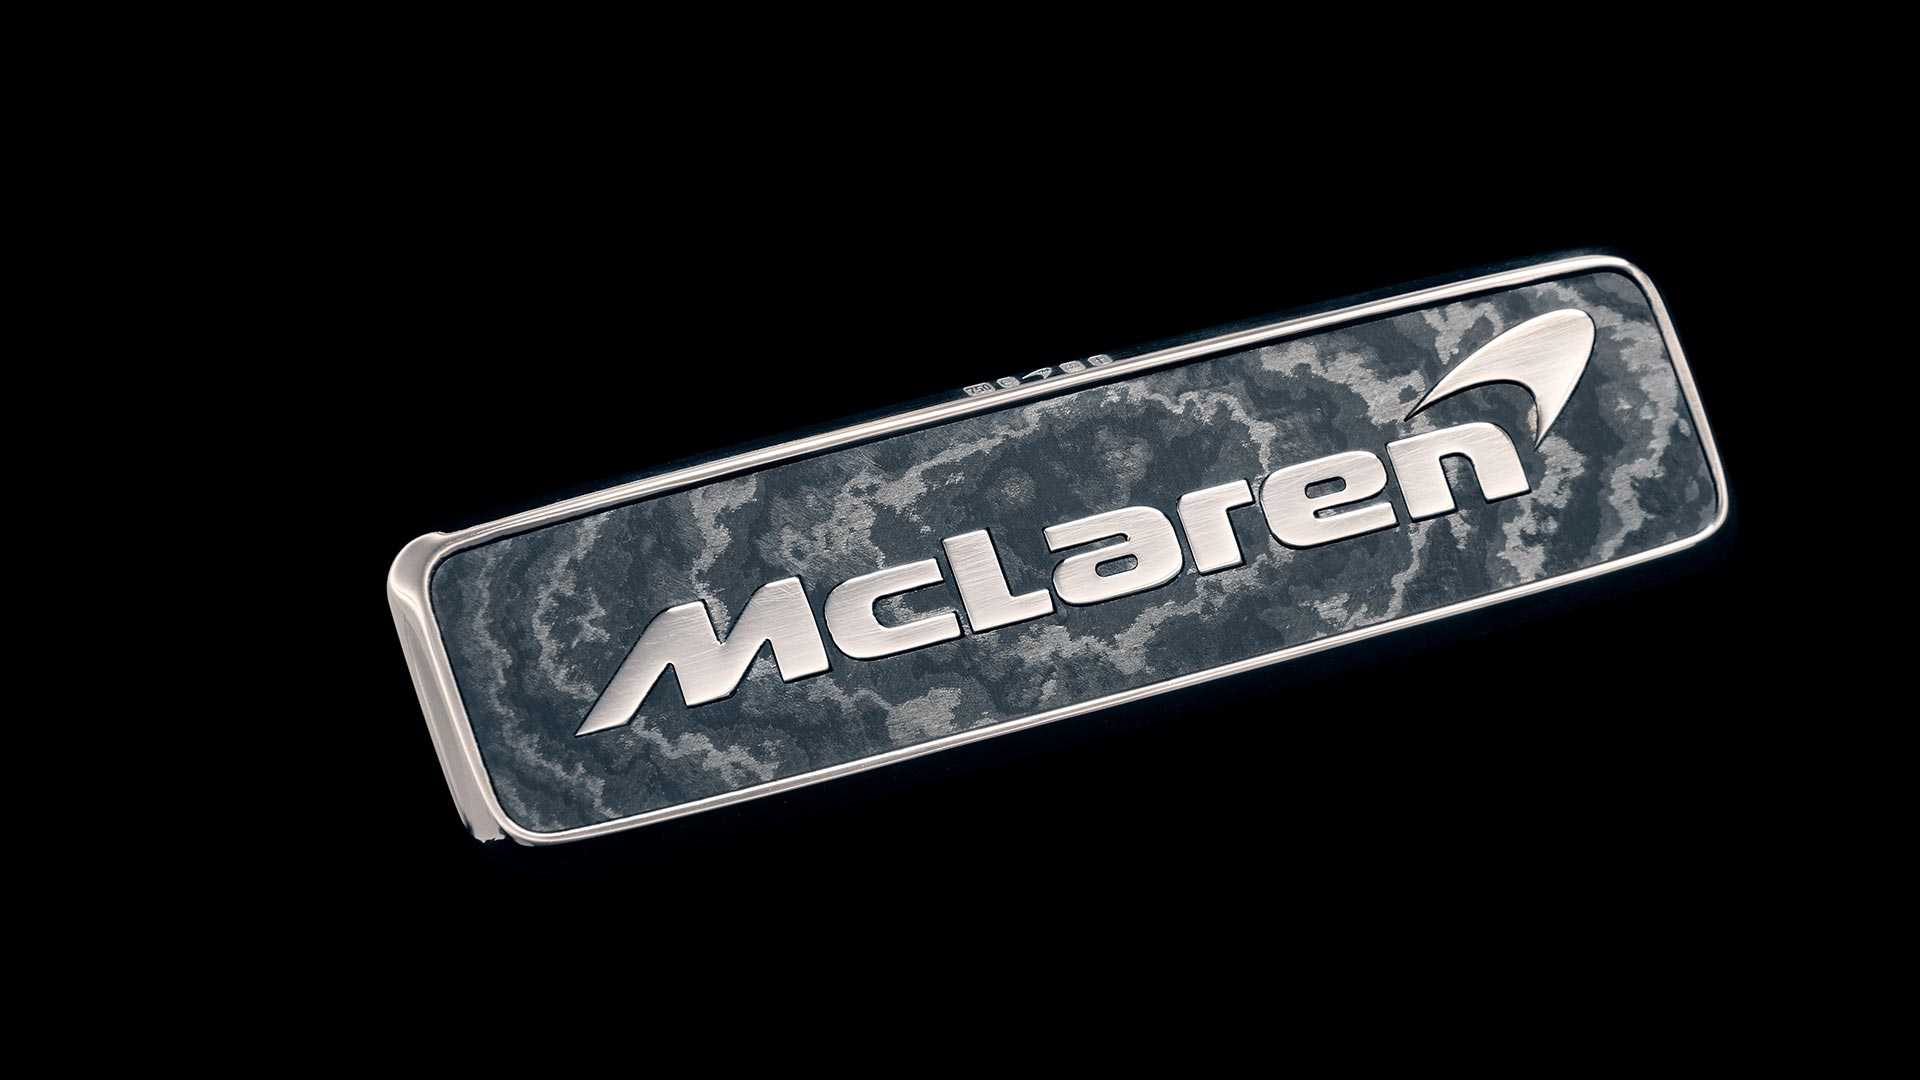 McLaren Speedtail - Gold badge